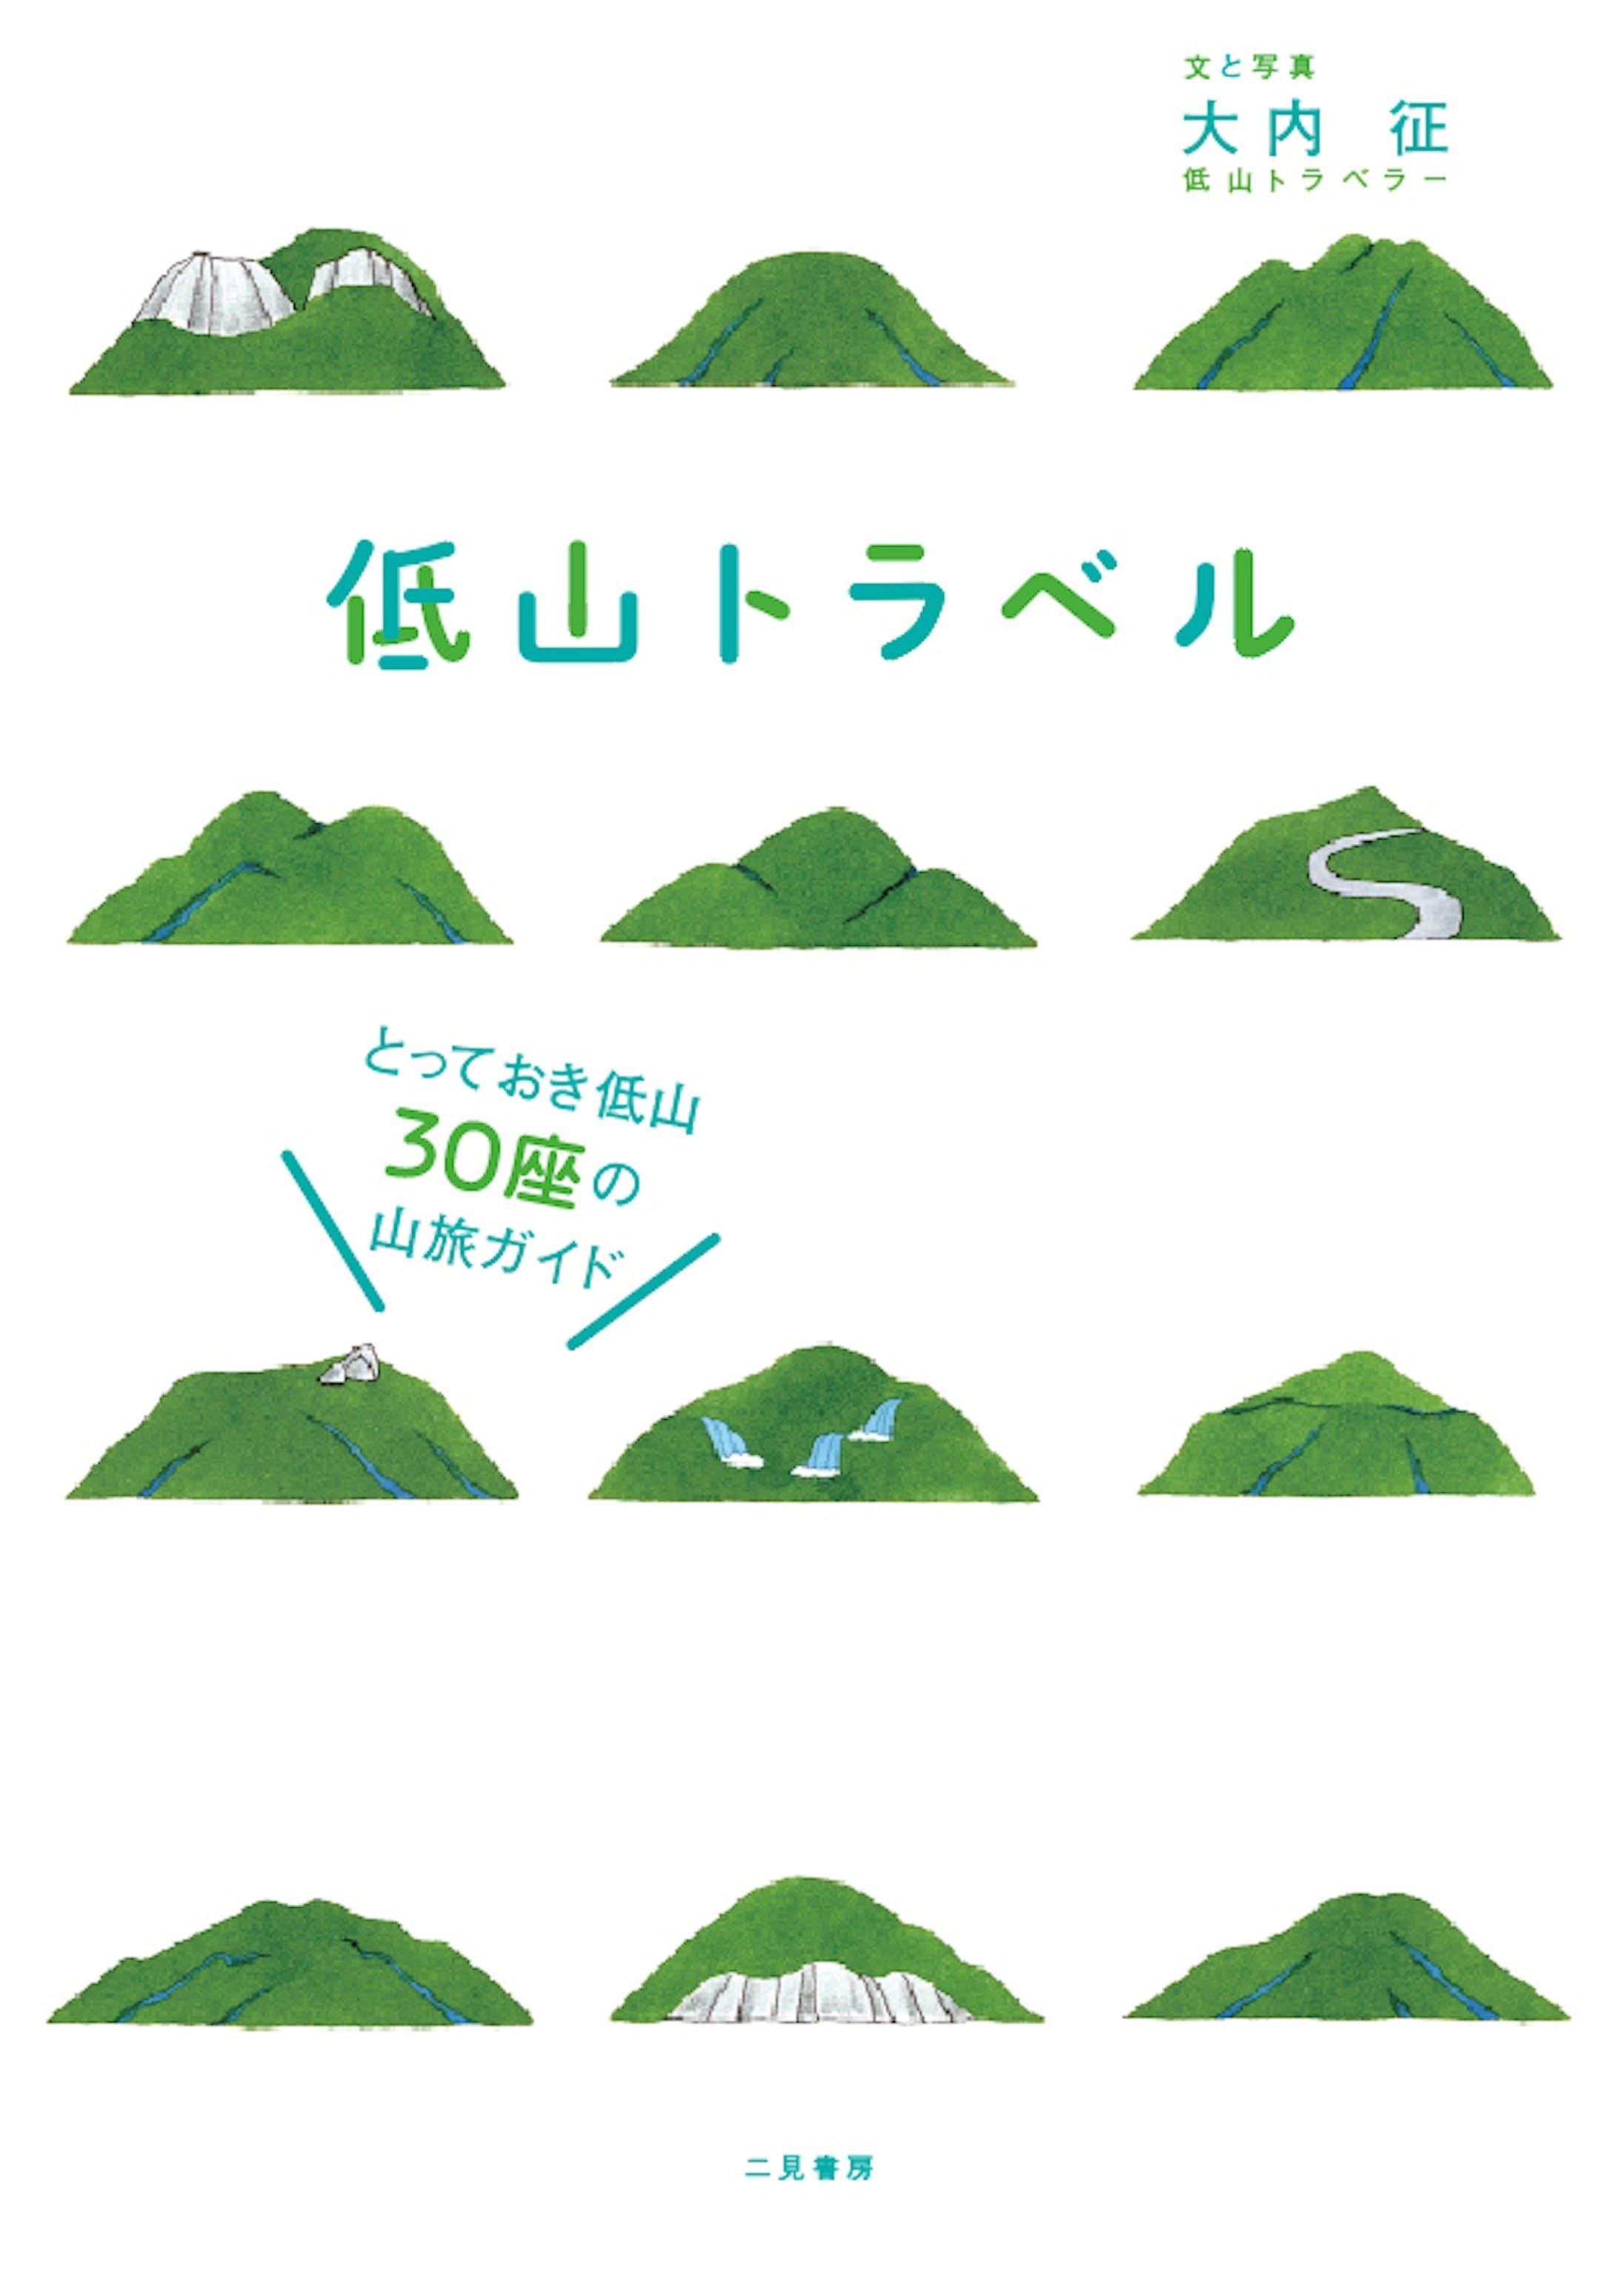 低山トラベル とっておき低山30座の山旅ガイド-1